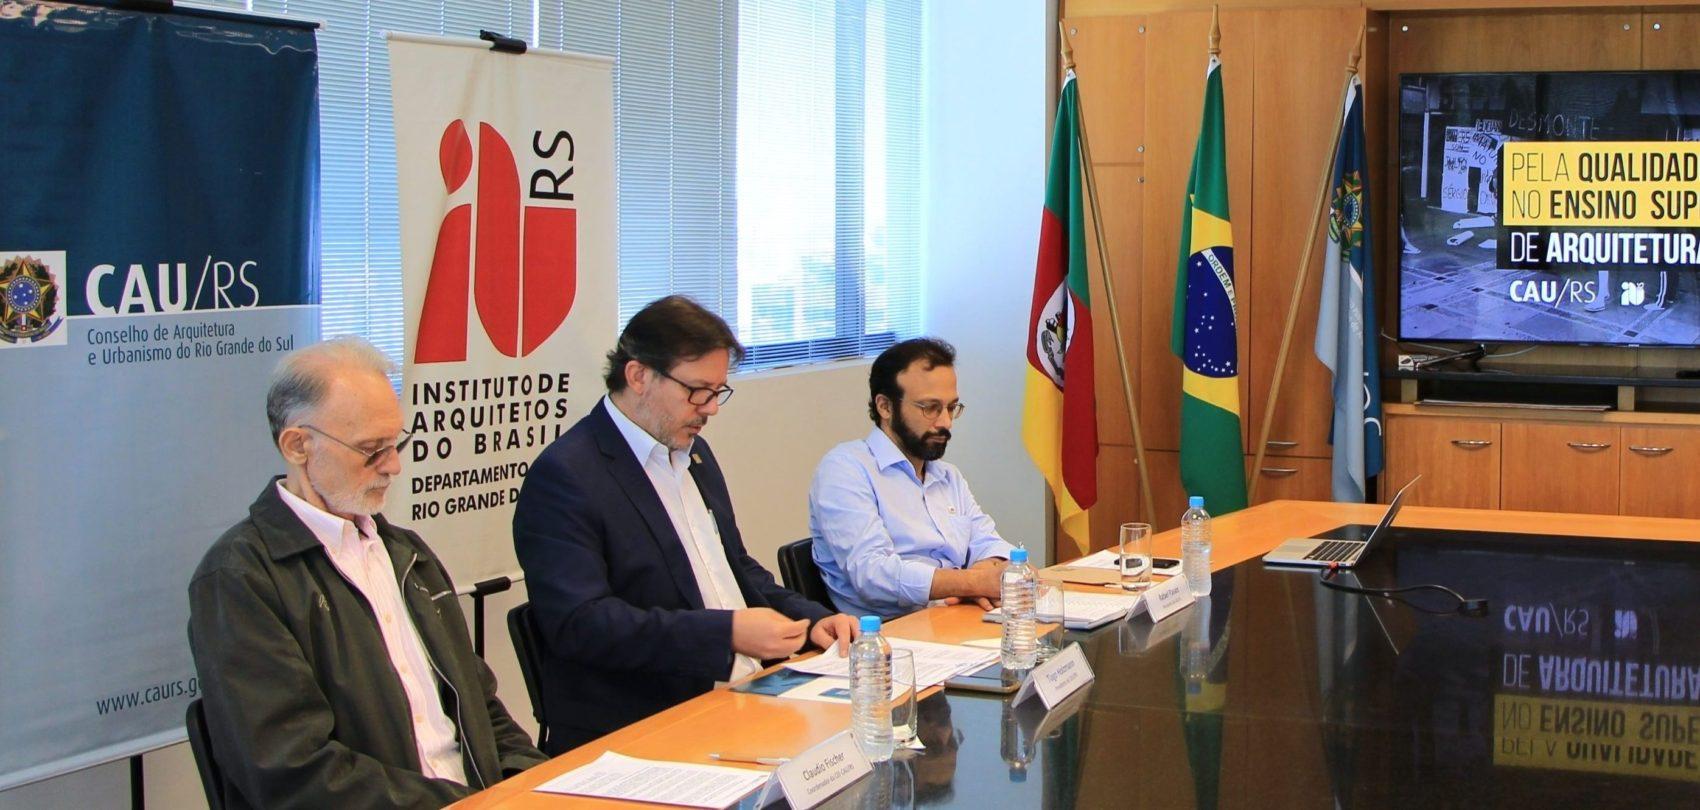 Coletiva de imprensa realizada na sede do Conselho de Arquitetura e Urbanismo do Rio Grande do Sul | Foto: CAU/RS